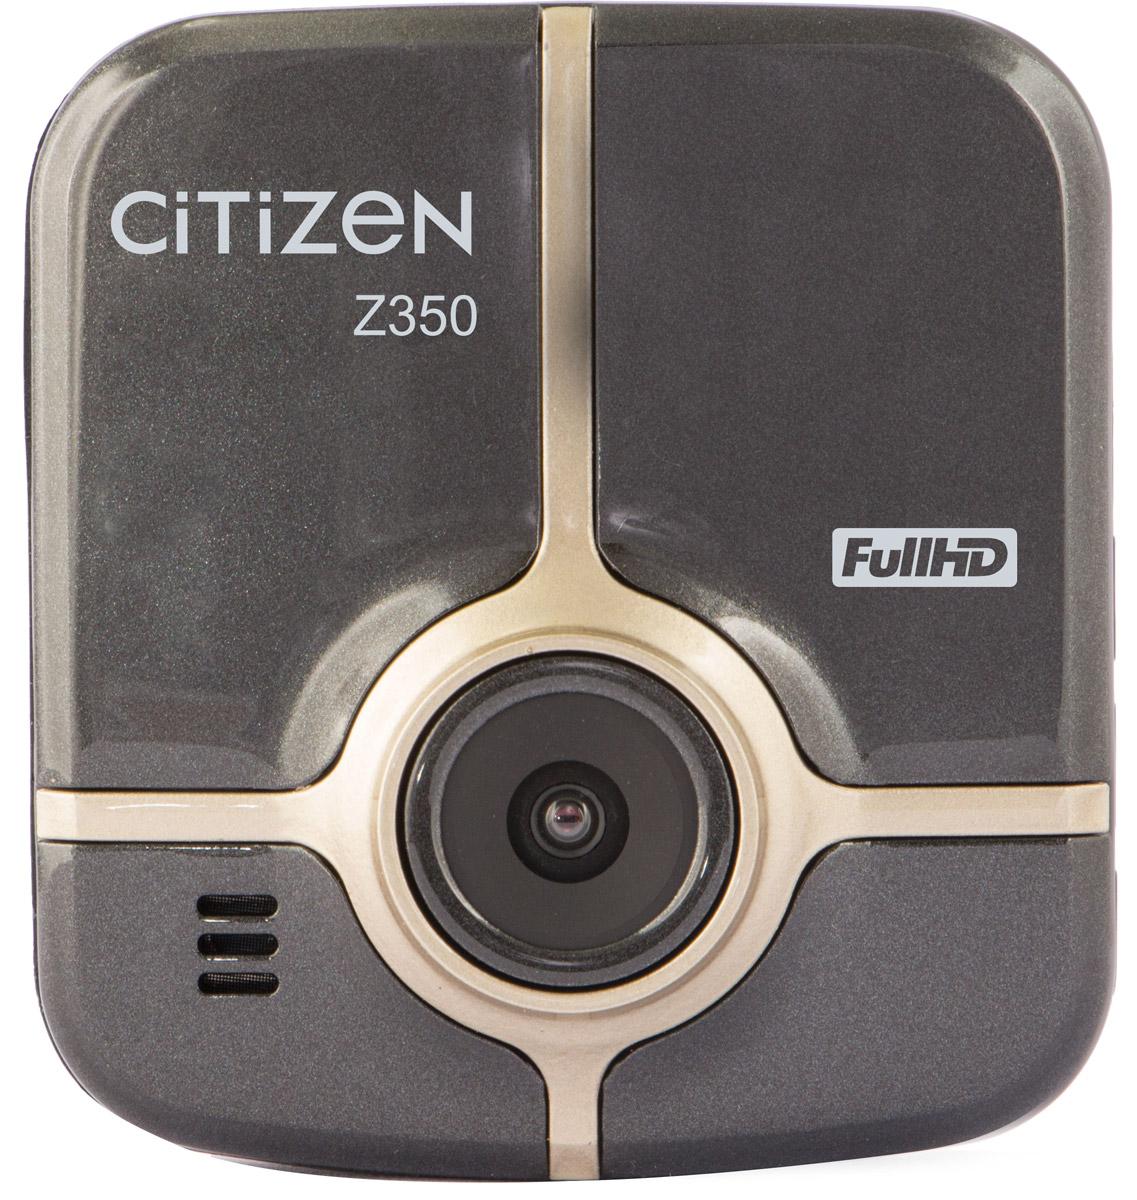 CiTiZeN Z350 автомобильный видеорегистраторZ350CiTiZeN Z350 - видеорегистратор с технологией улучшения качества изображения PsiTECH.Видеорегистраторпозволяет получить превосходную детализацию и чёткость изображения при любом освещении, например без усилий рассмотреть номерные знаки автомобилей, сигналы светофора и другие важные нюансы, благодаря технологиям стабилизации изображения и WDR.После введения несложных пользовательских настроек и подключения к бортовой сети автомобиля прибор не требует никаких дополнительных действий в процессе использования. Включение и выключение происходит автоматически поворотом ключа в замке зажигания (зависит от конструкции вашего автомобиля).Встроенный датчик удара (G-сенсор) во время движения или ускорения, в случае удара или резкого торможения, автоматически переводит регистратор в аварийный режим работы и защищает видеофайл от стирания. Благодаряналичию видеозаписи, появляется возможность аргументировано отстаивать свою позицию в спорной ситуации, возникшей на дороге.Универсальное крепление видеорегистратора позволяет осуществлять быструю и надежную фиксацию на лобовом стекле вашего авто, а также легко поворачивать регистратор в любую сторону без прерывания записи.В результате вы имеете надёжного видео-помощника, в котором предусмотрены все самые востребованные функции, необходимыеводителю, как в дальнем пути, так и на городских улицах!Фокусное расстояние: от 1,5 м до бесконечностиРазрешение фото: 2048x1536Электронный затвор Замер экспозиции: 1/2-1/2000 сек.Датчик ускорений: 3-х осевойЕмкость аккумулятора: 120 мАч